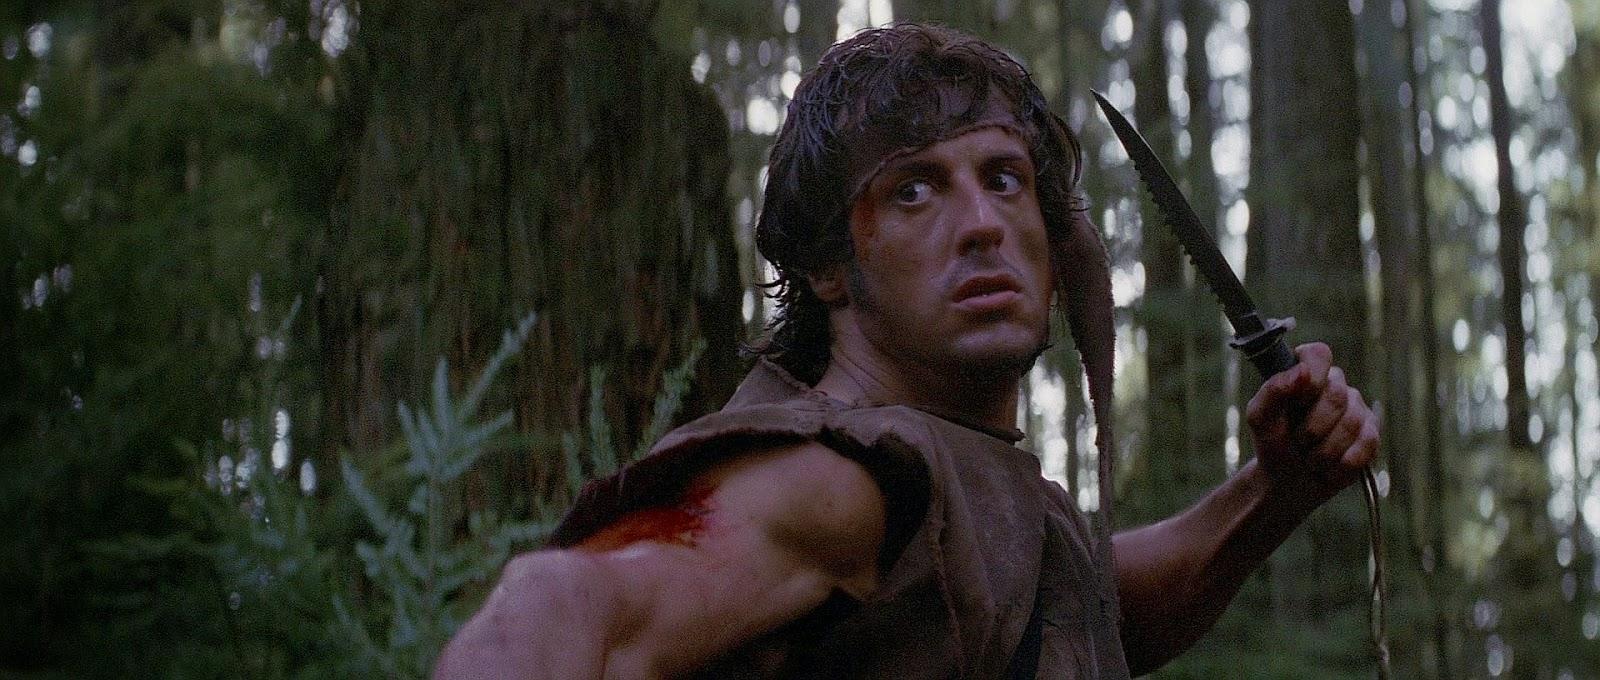 Rambo : First Blood, le livre derrière le film